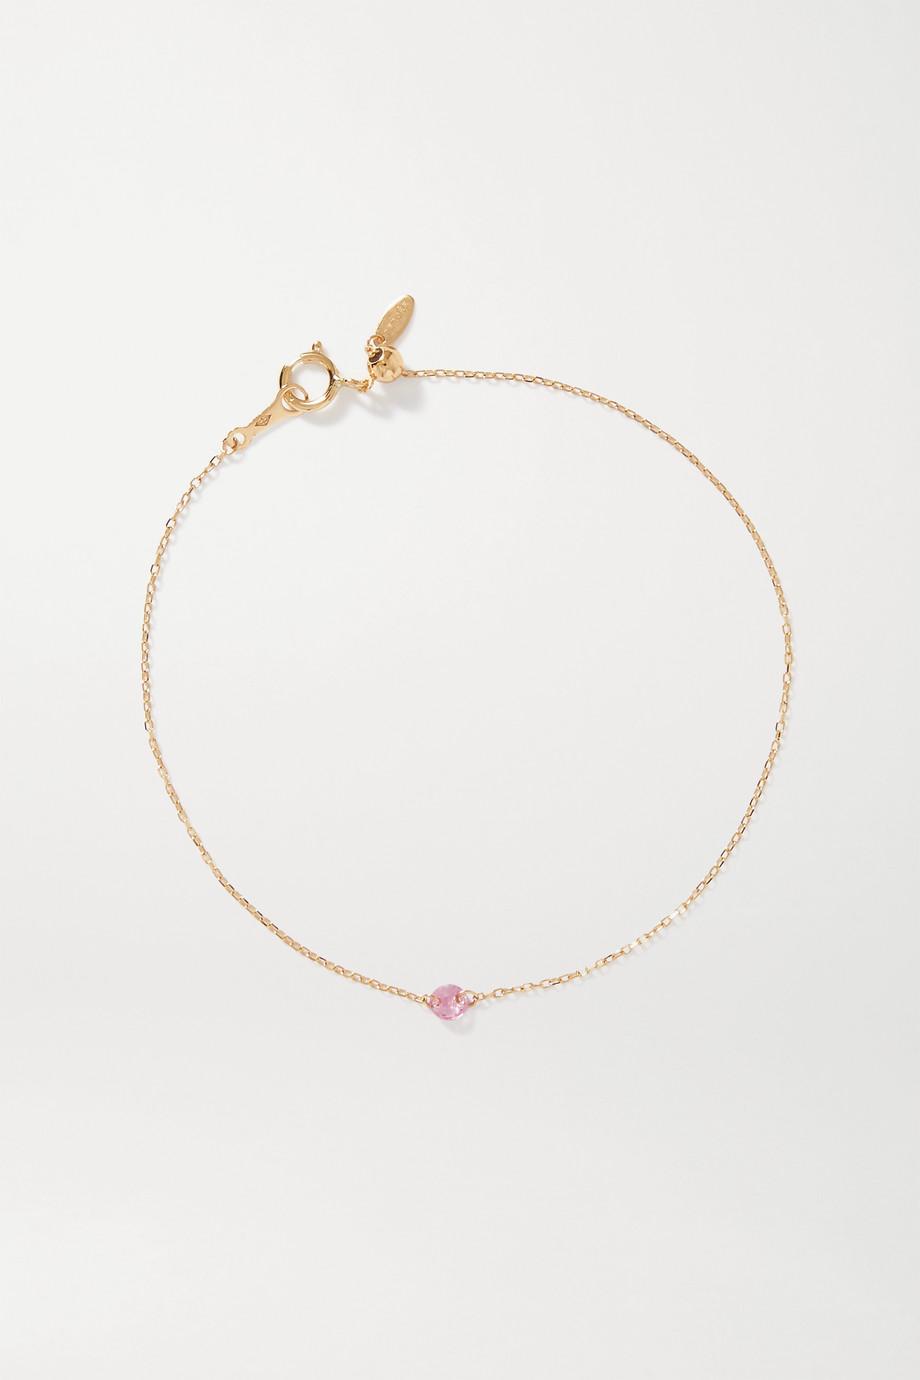 Persée La Vie En Rose gold sapphire bracelet